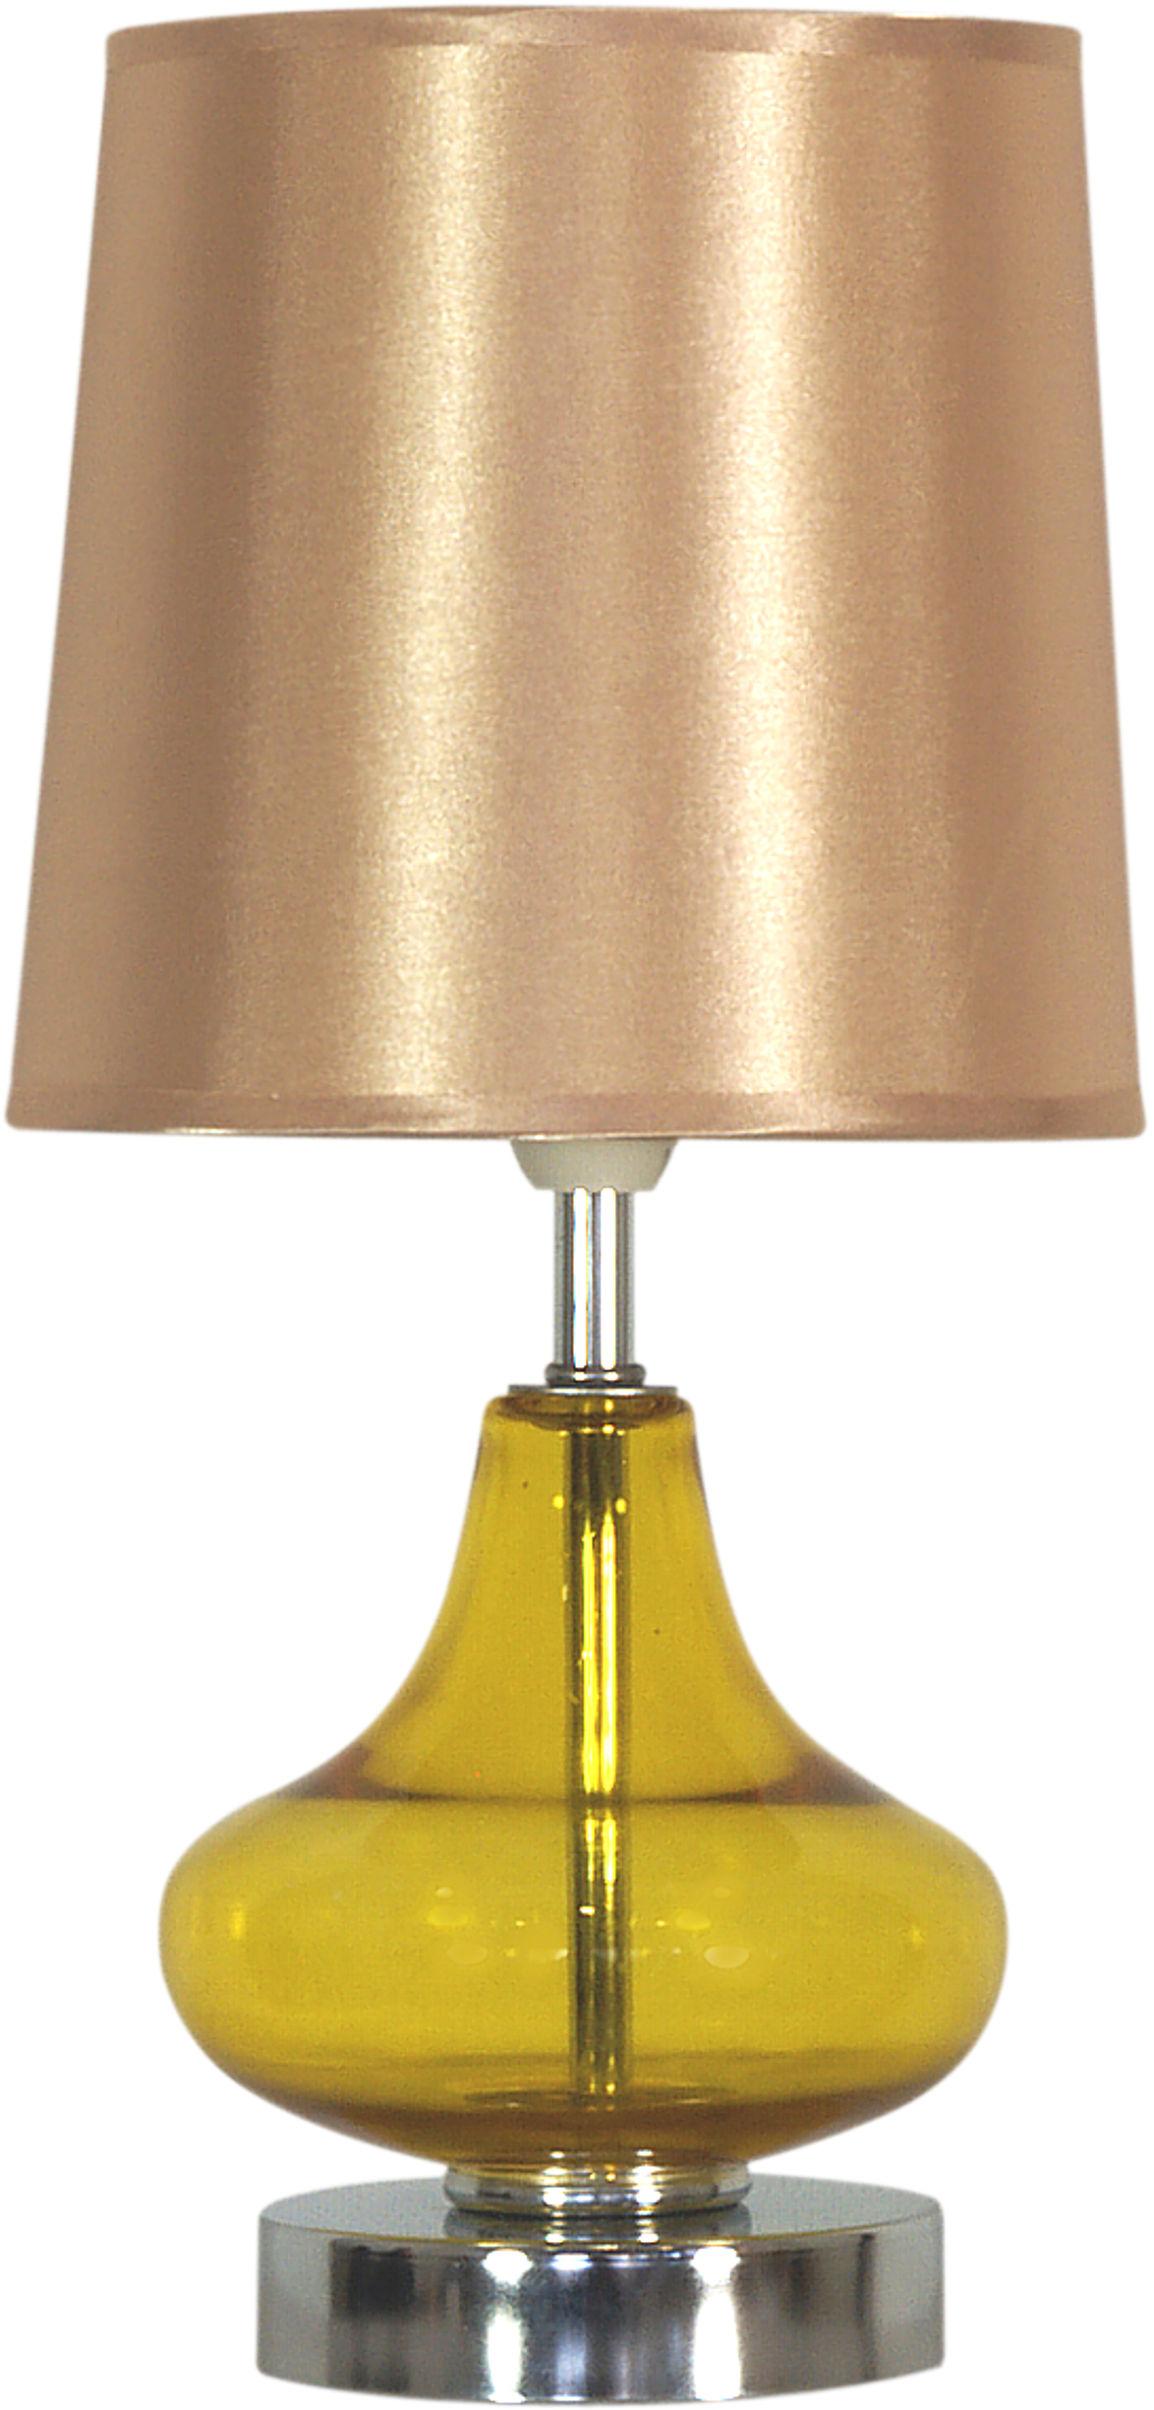 Candellux ALLADINA 41-10933 lampa stołowa abażur bursztynowy 1X40W E14 17cm